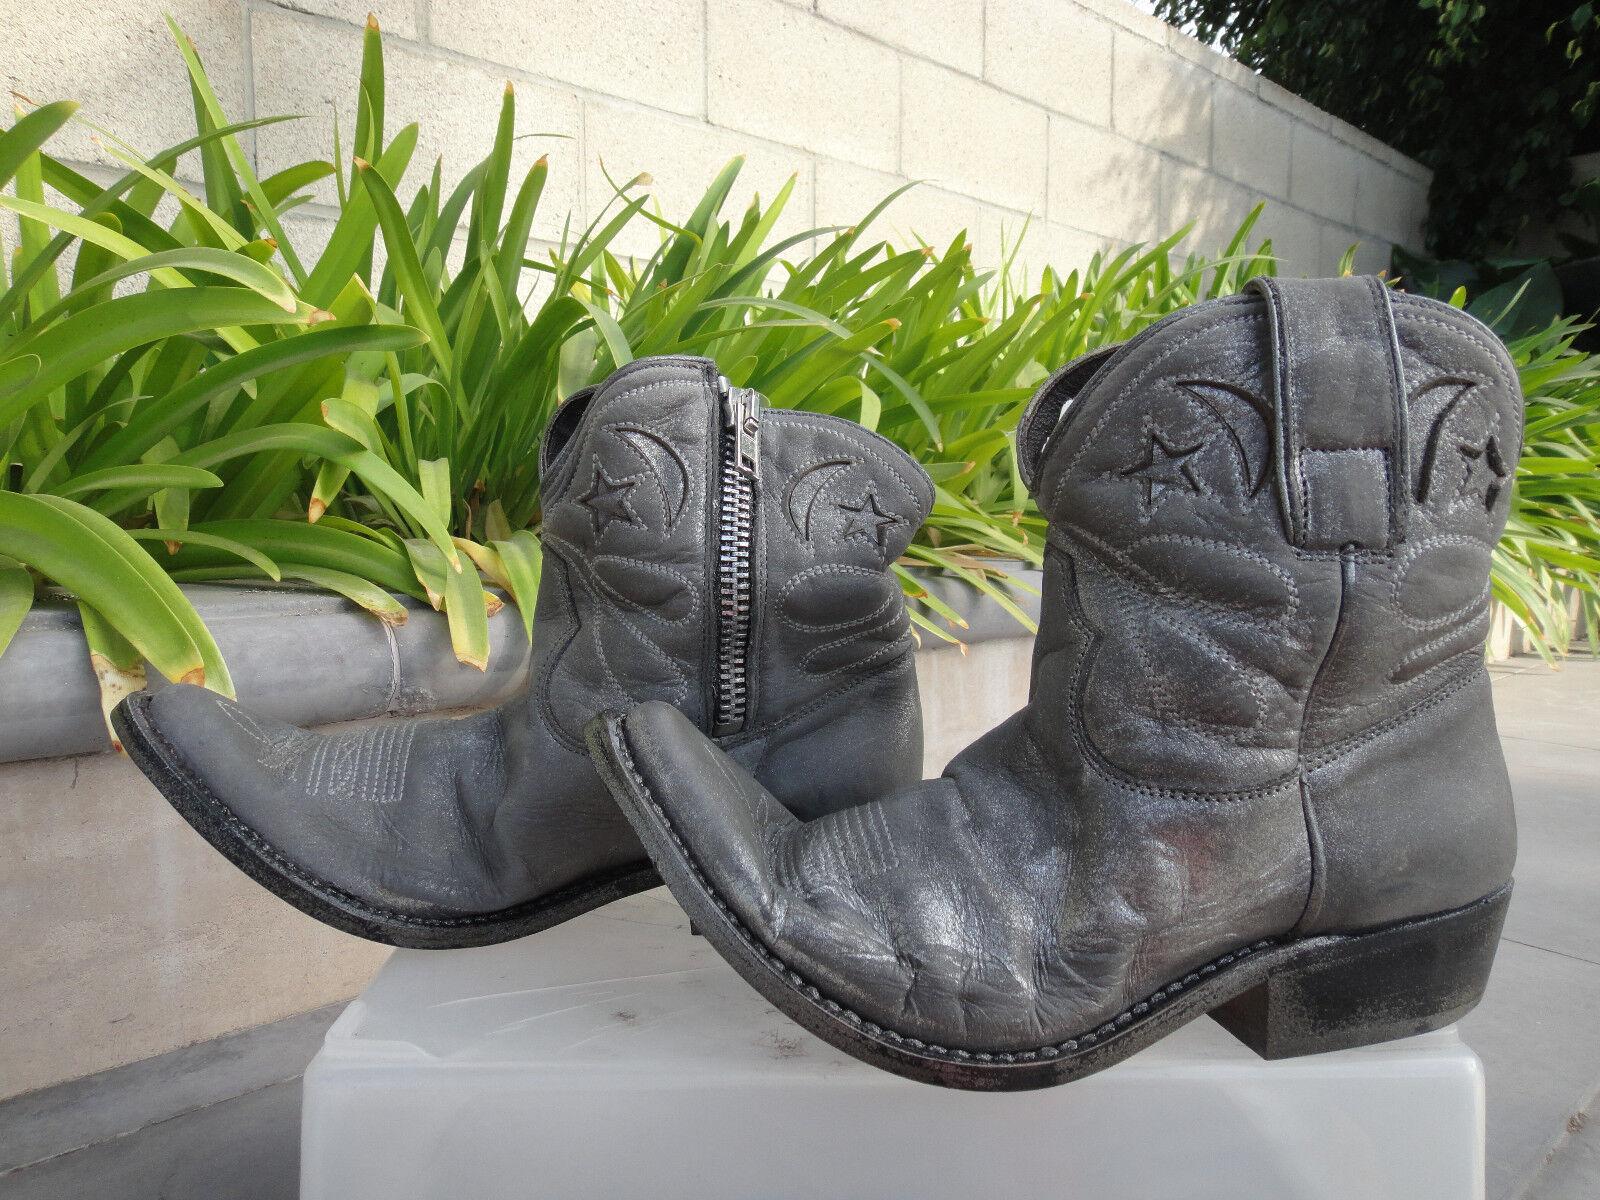 Oro Goose Deluxe Marca Marca Deluxe Star cremallera botas de vaquero, lame D 'Gris para Mujeres EUR37 fd7964